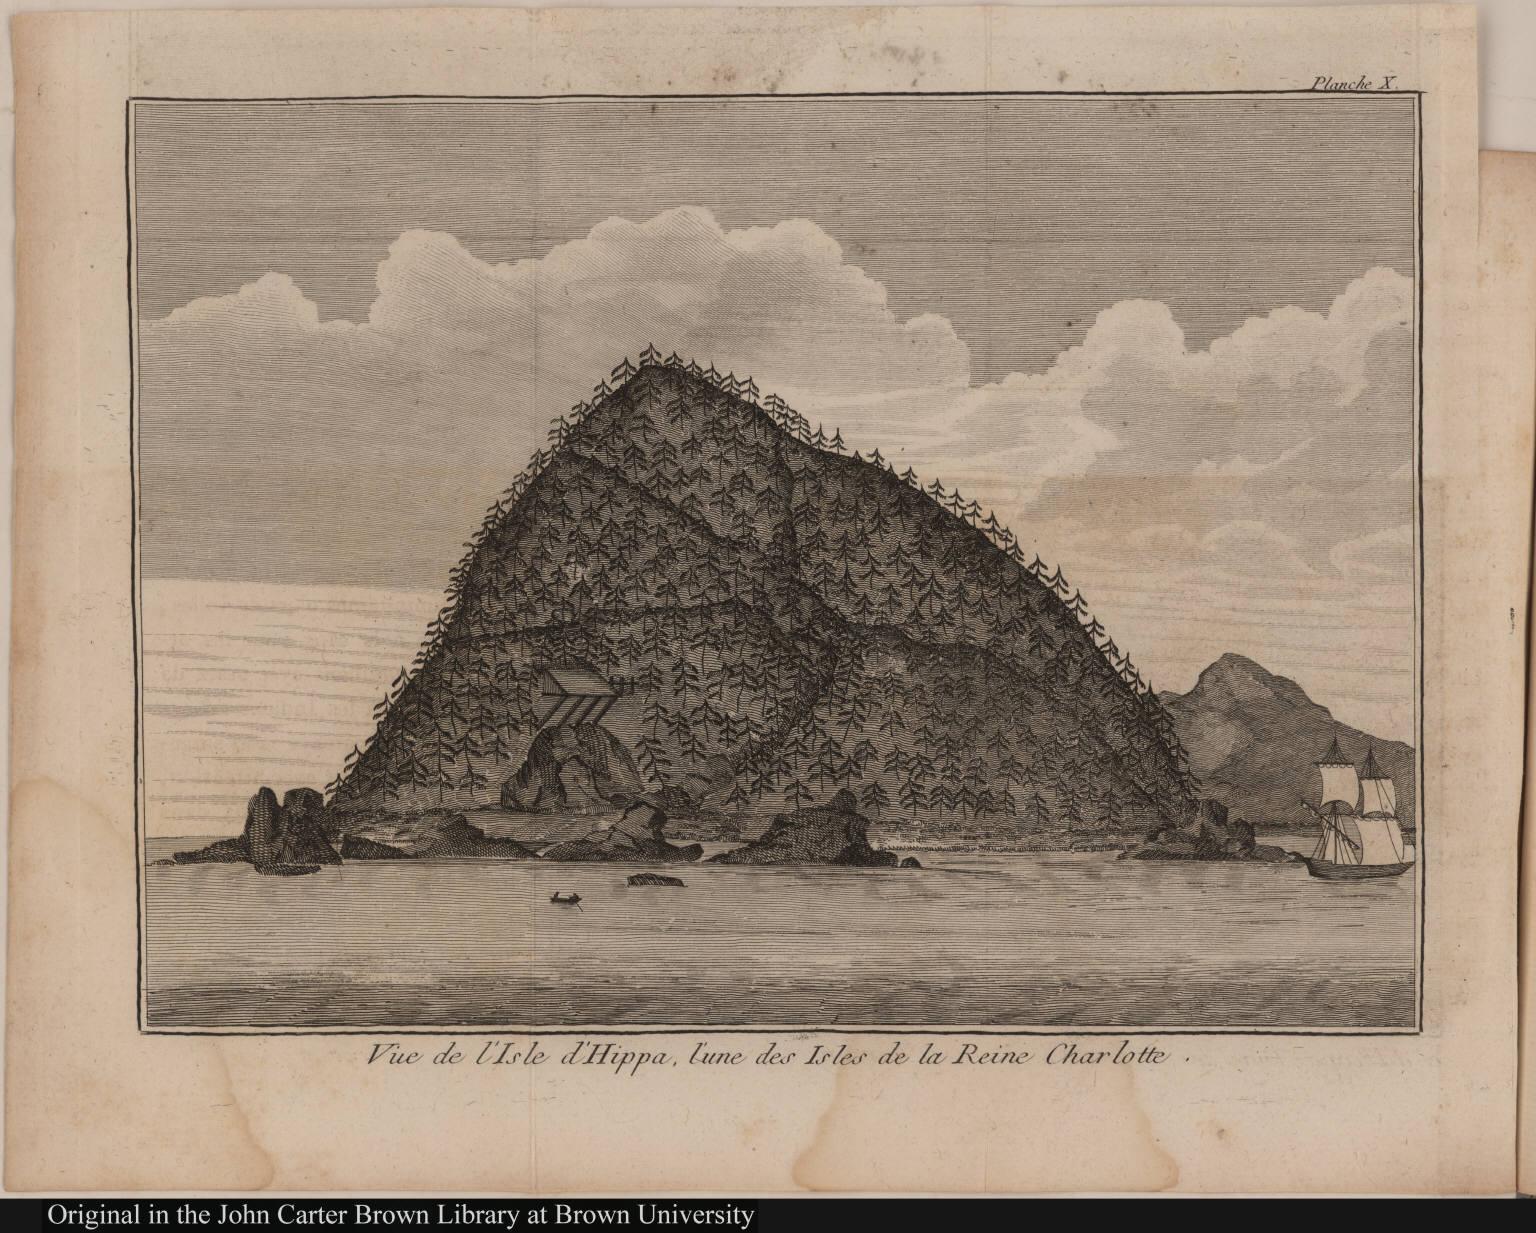 Vue de l'Isle d'Hippa, l'une des Isles de la Reine Charlotte.